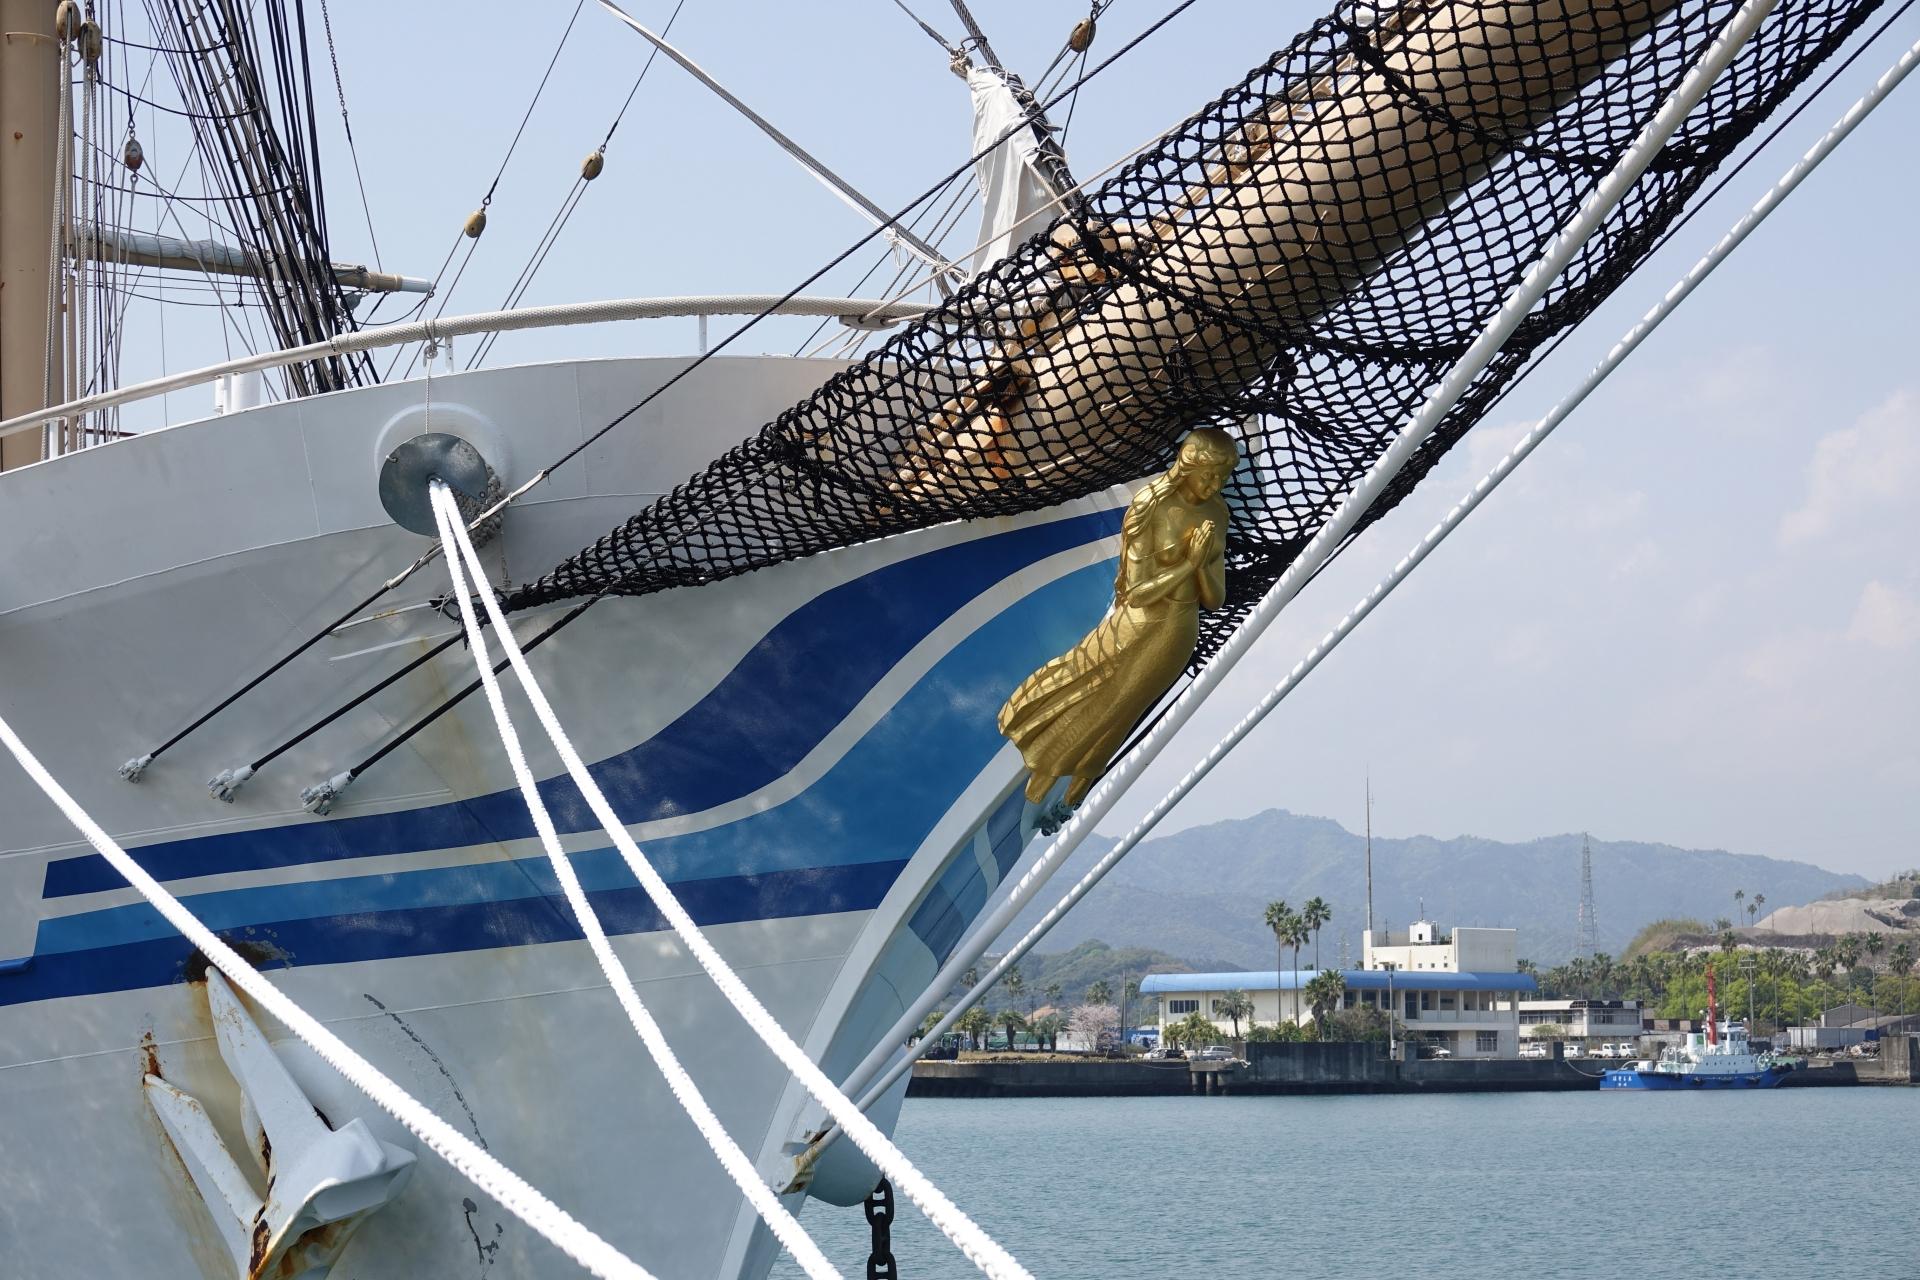 日本丸の船首女神像「藍青(らんじょう)」